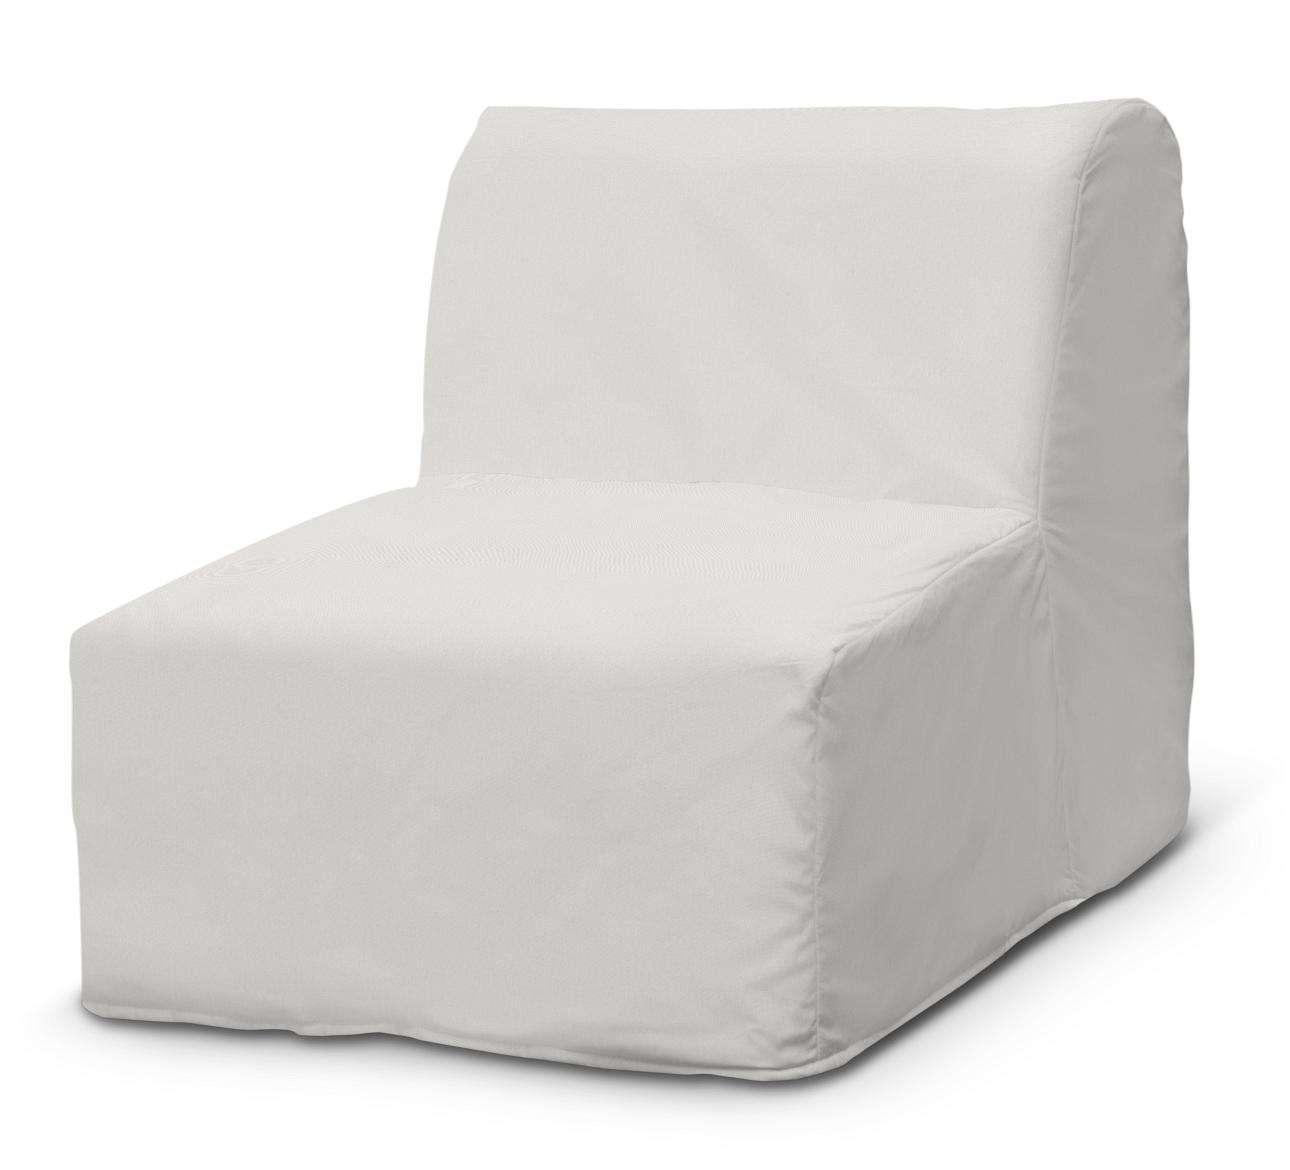 Lycksele Sesselbezug fotel Lycksele von der Kollektion Etna, Stoff: 705-01